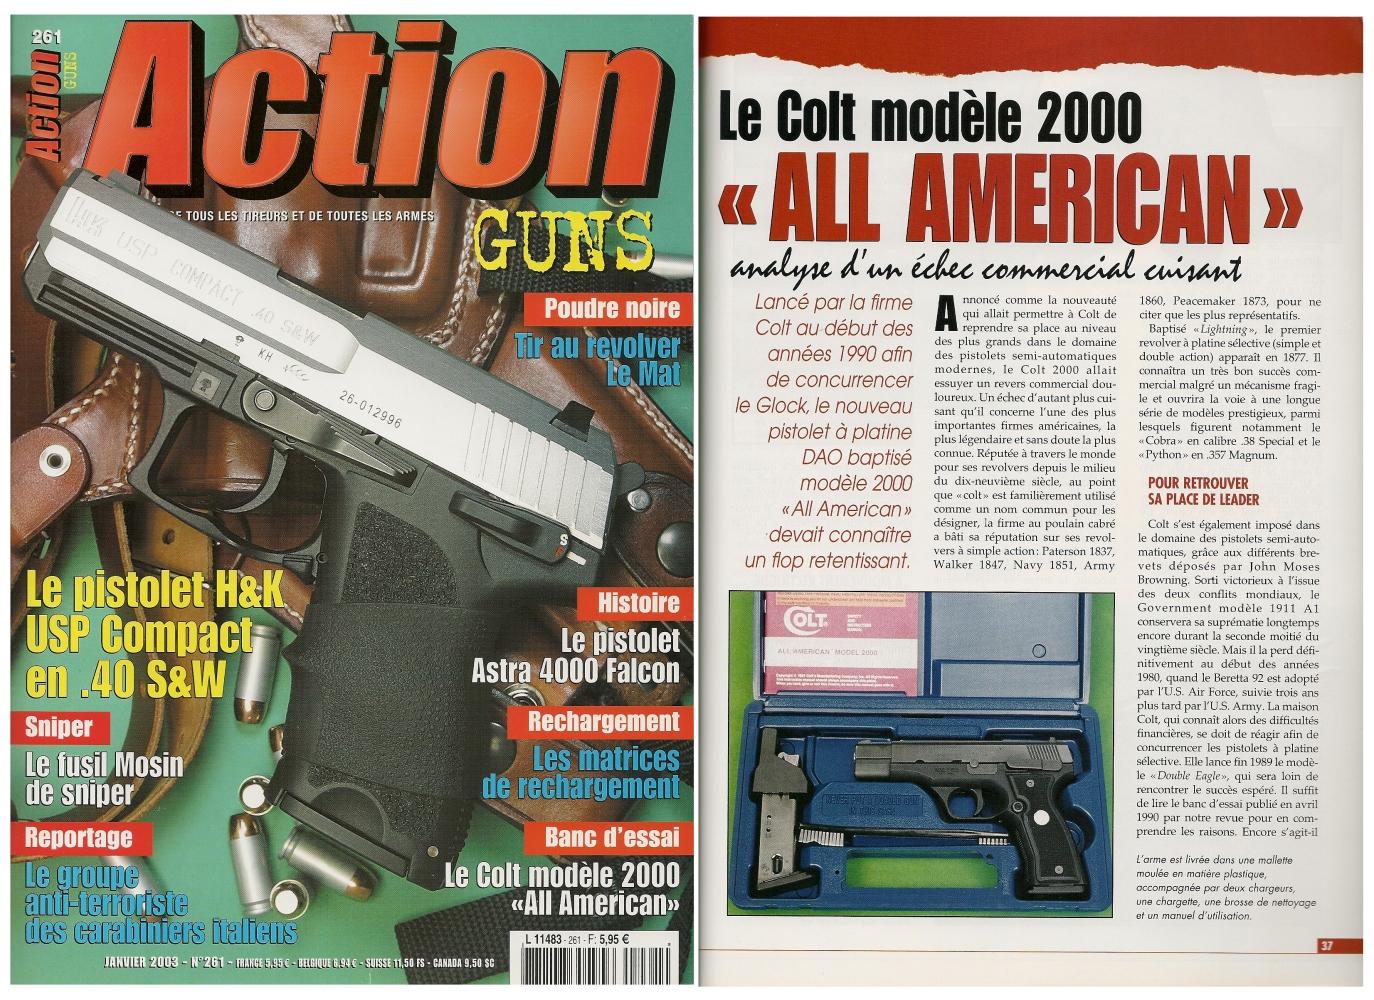 Le banc d'essai du pistolet Colt modèle 2000 « All American » a été publié sur 6 pages dans le magazine Action Guns n° 261 (janvier 2003).